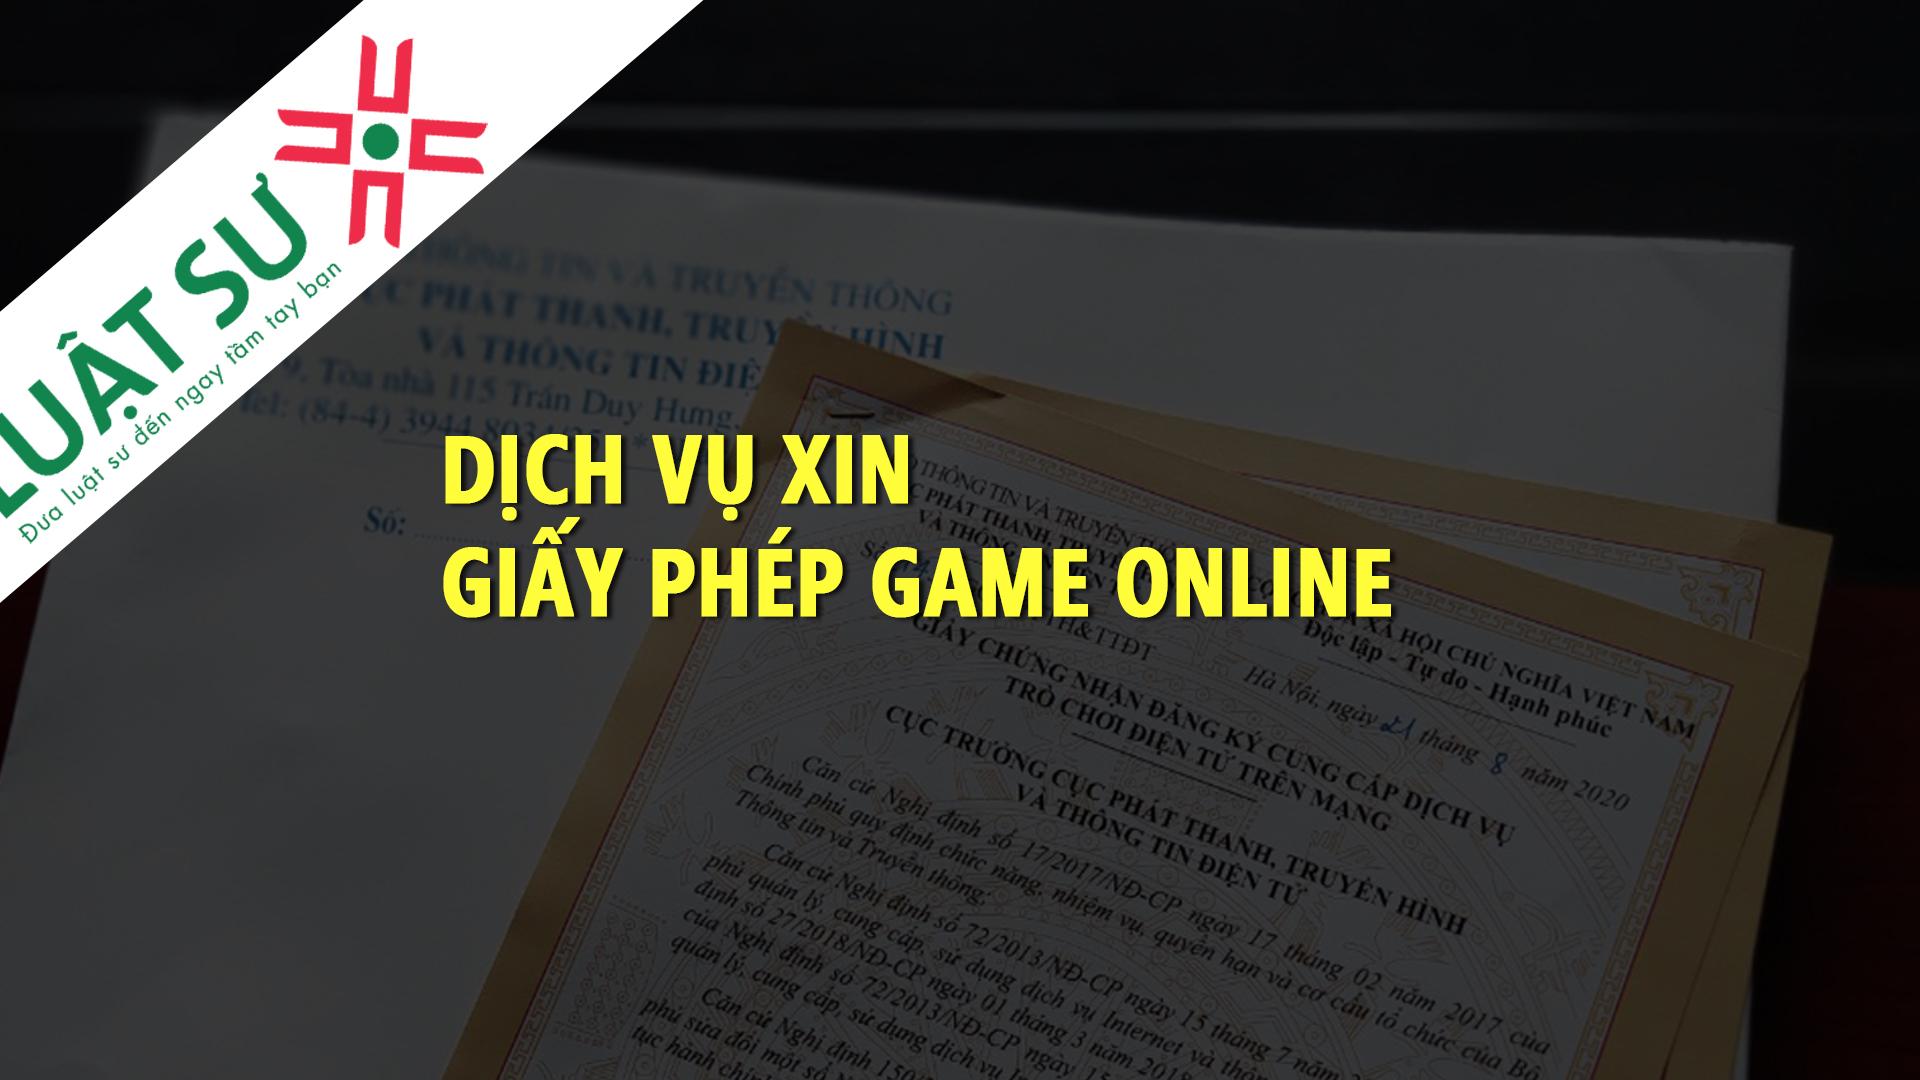 Dịch vụ xin giấy phép phát hành Game online